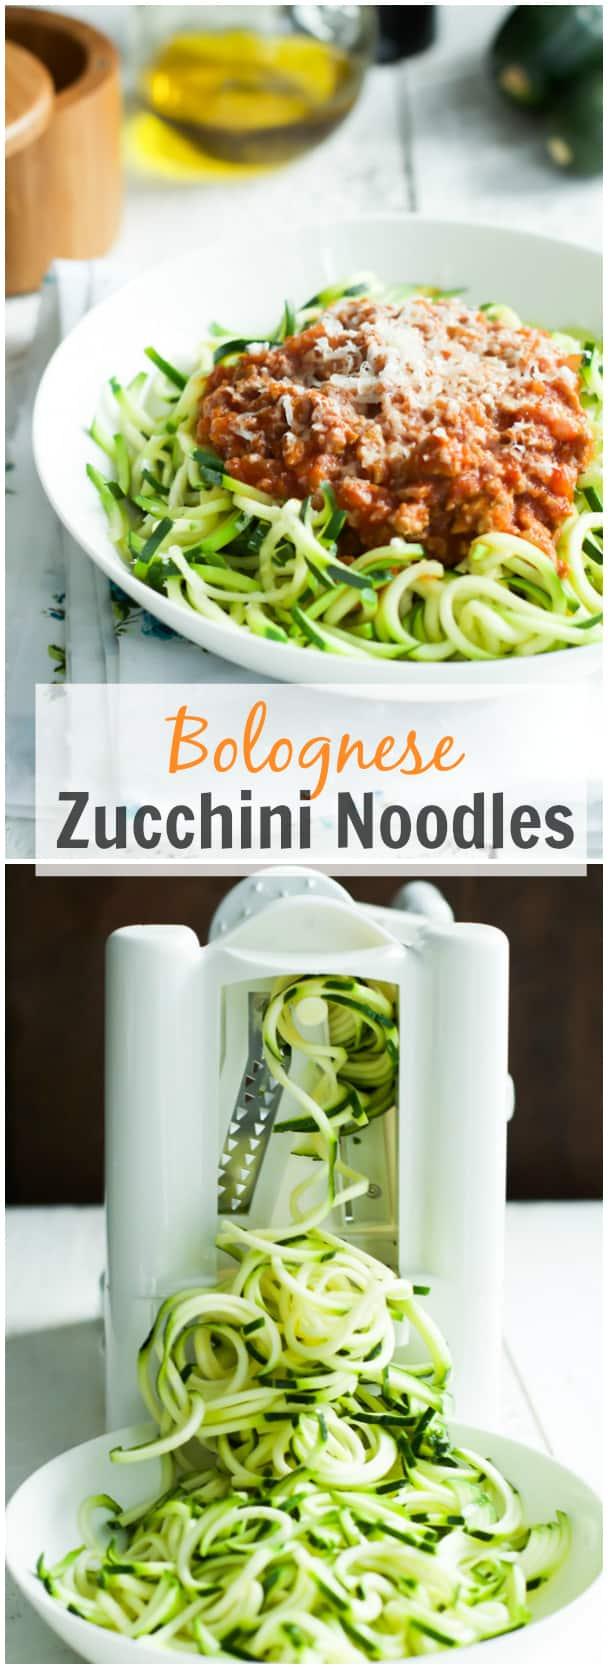 Bolognese Zucchini Noodles